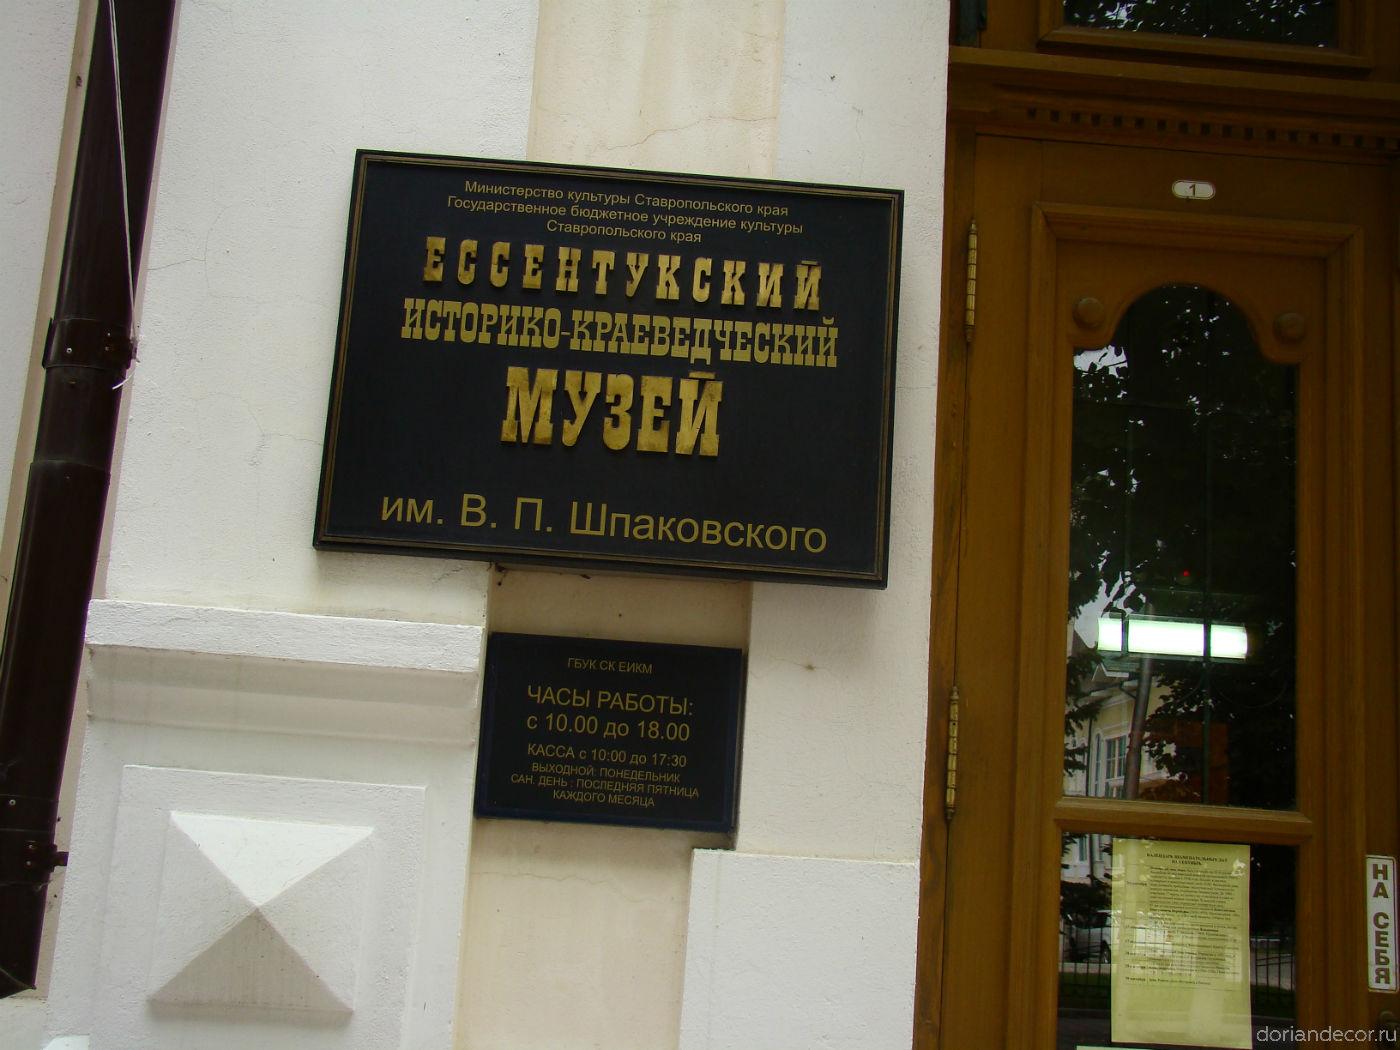 Ессентукский историко-краеведческий музей